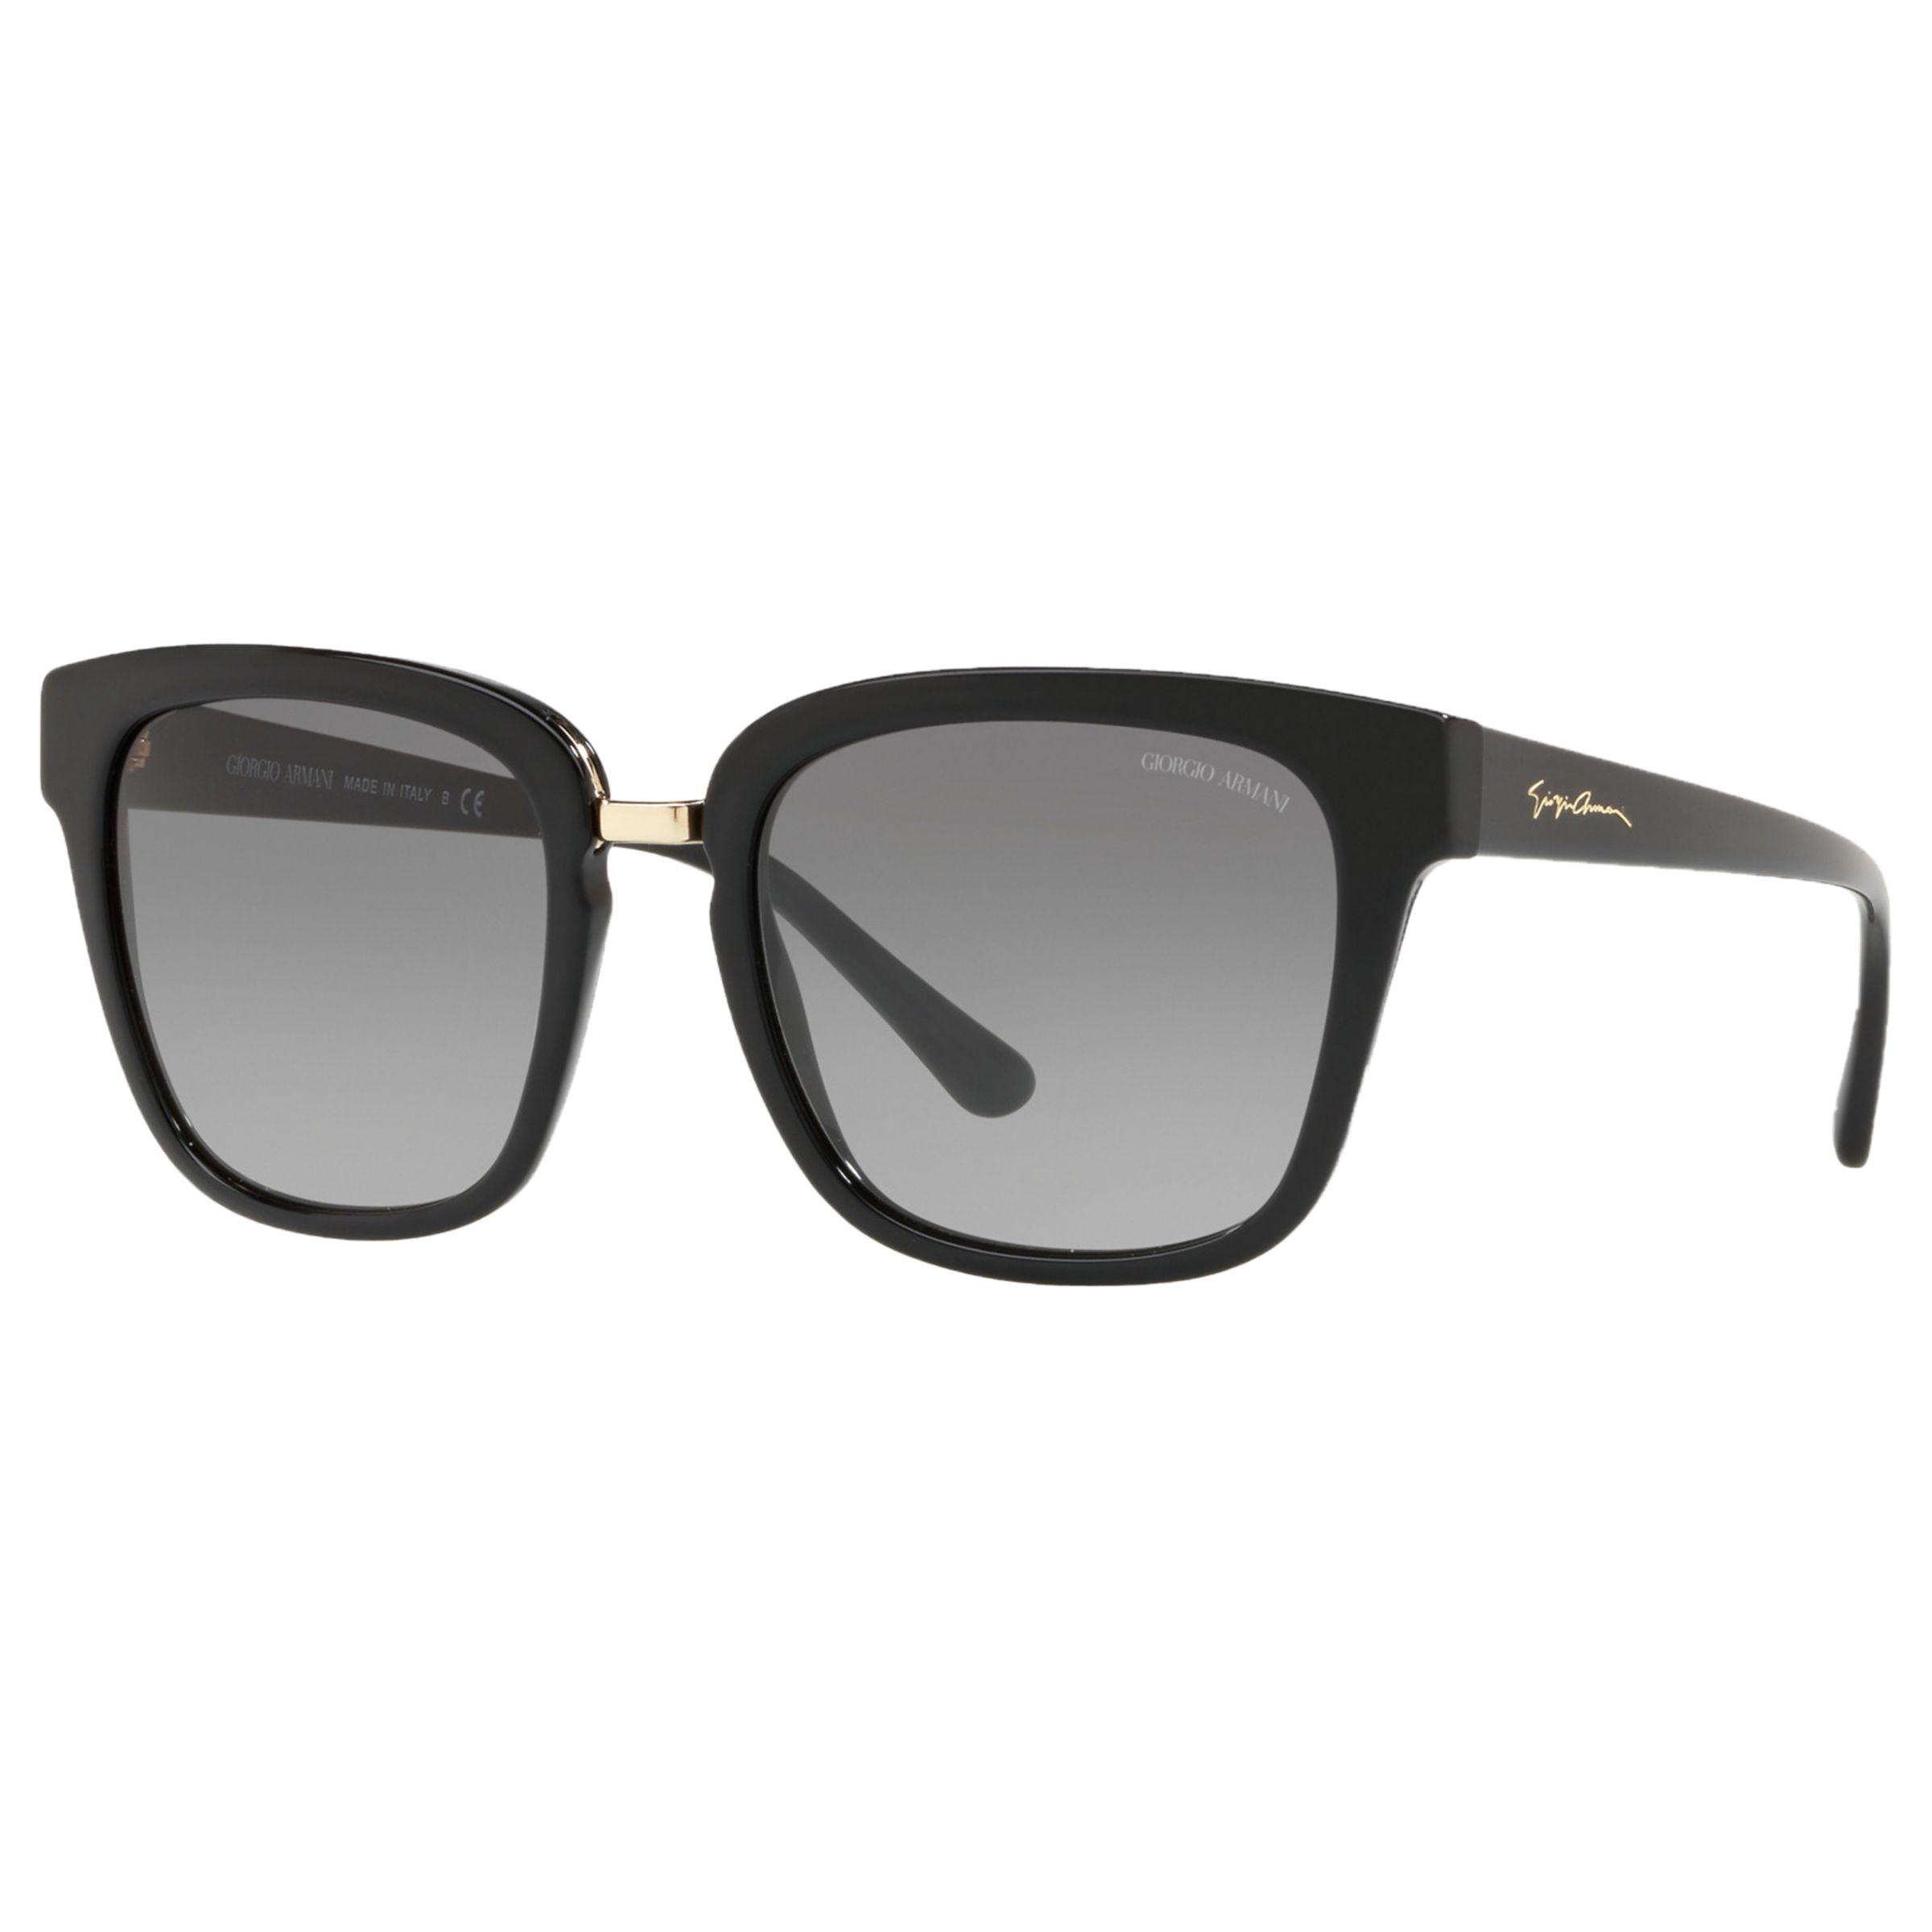 Giorgio Armani Giorgio Armani AR8106 Women's Square Sunglasses